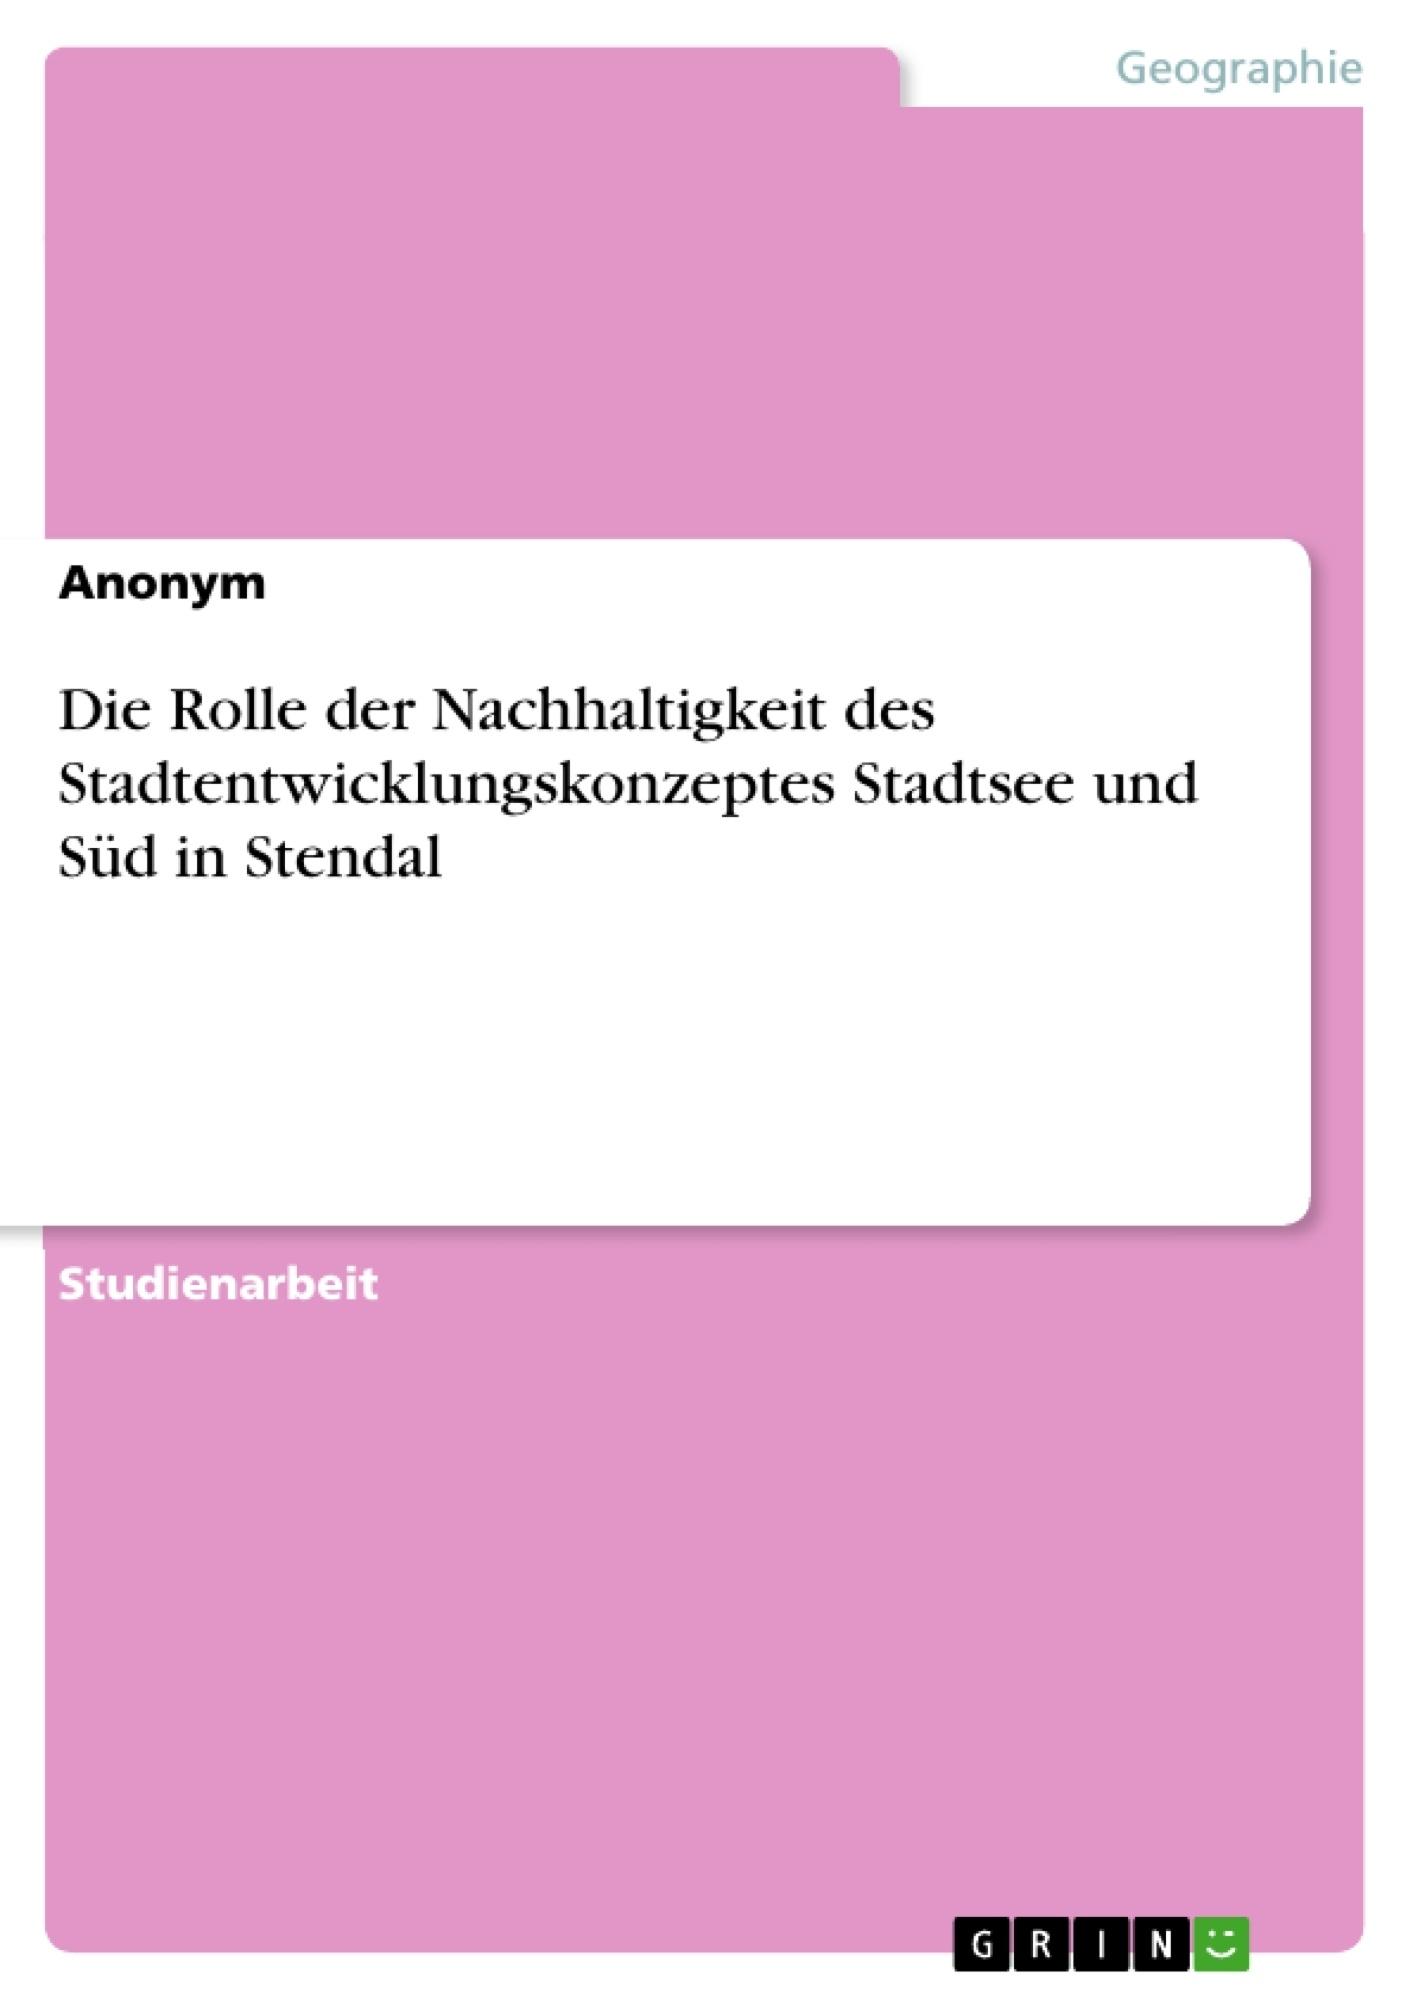 Titel: Die Rolle der Nachhaltigkeit des Stadtentwicklungskonzeptes Stadtsee und Süd in Stendal